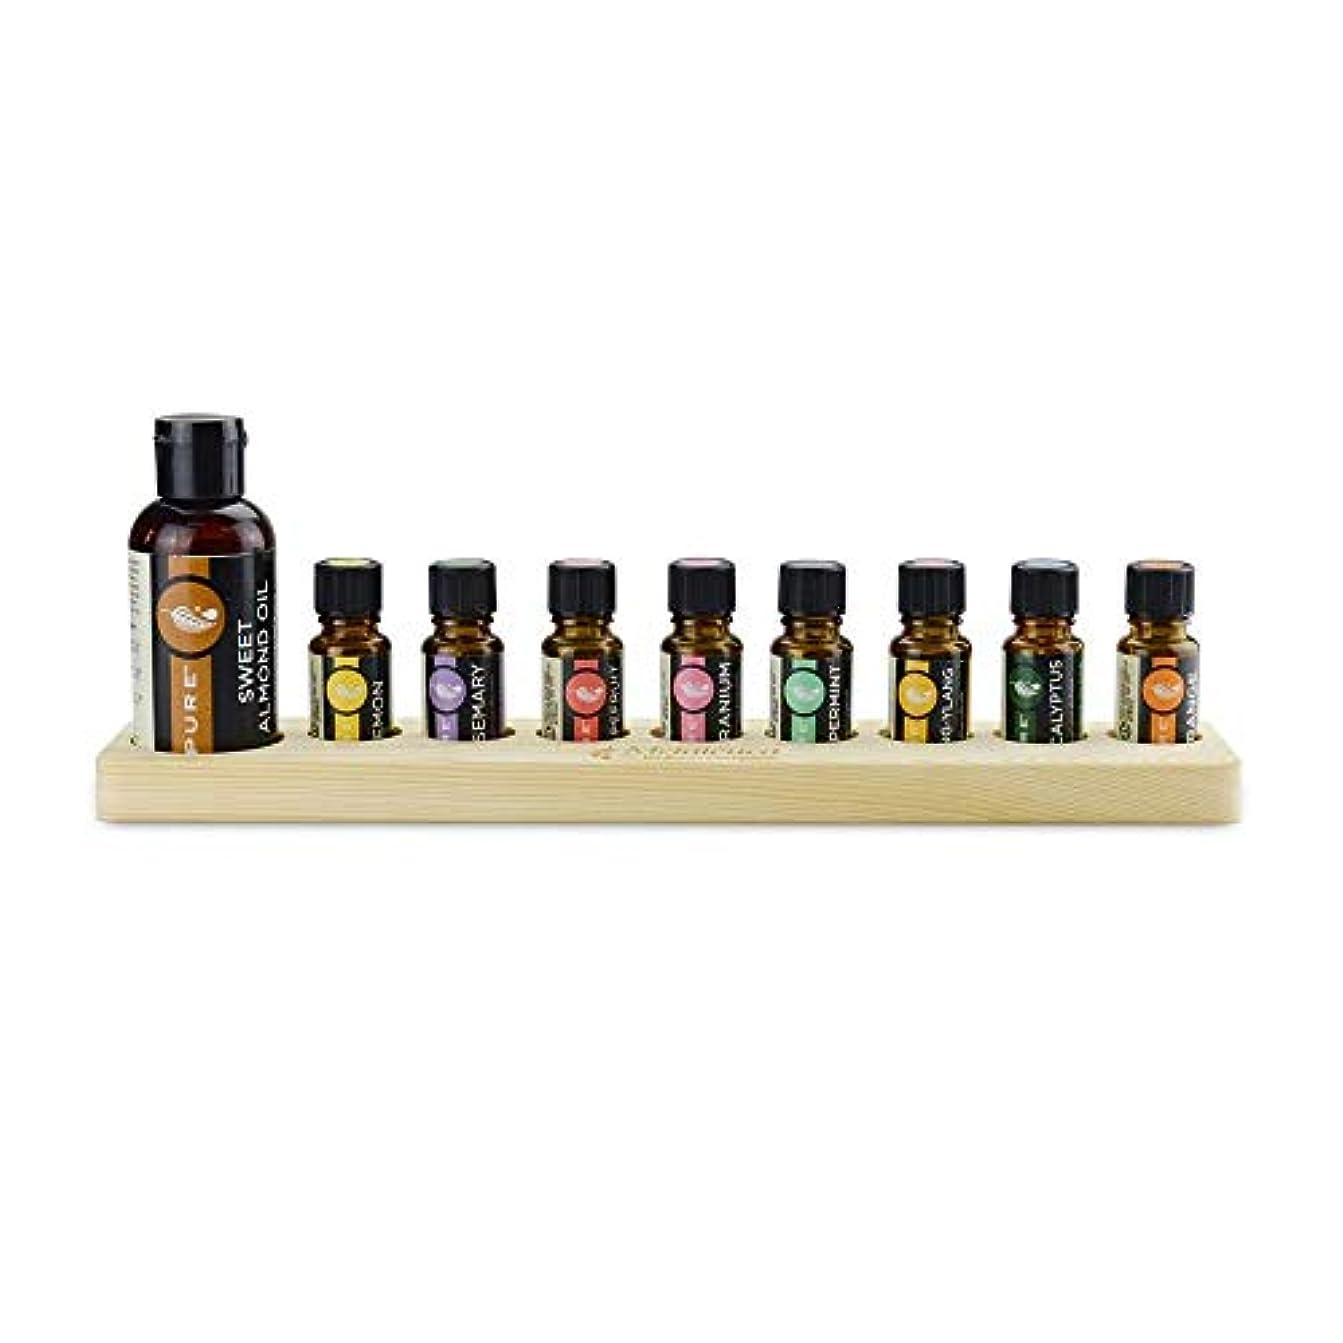 前者あいまいに関してエッセンシャルオイルの保管 9スロット木製エッセンシャルオイルストレージホルダーは、9つの15ミリリットル油のボトルを保持します (色 : Natural, サイズ : Free size)